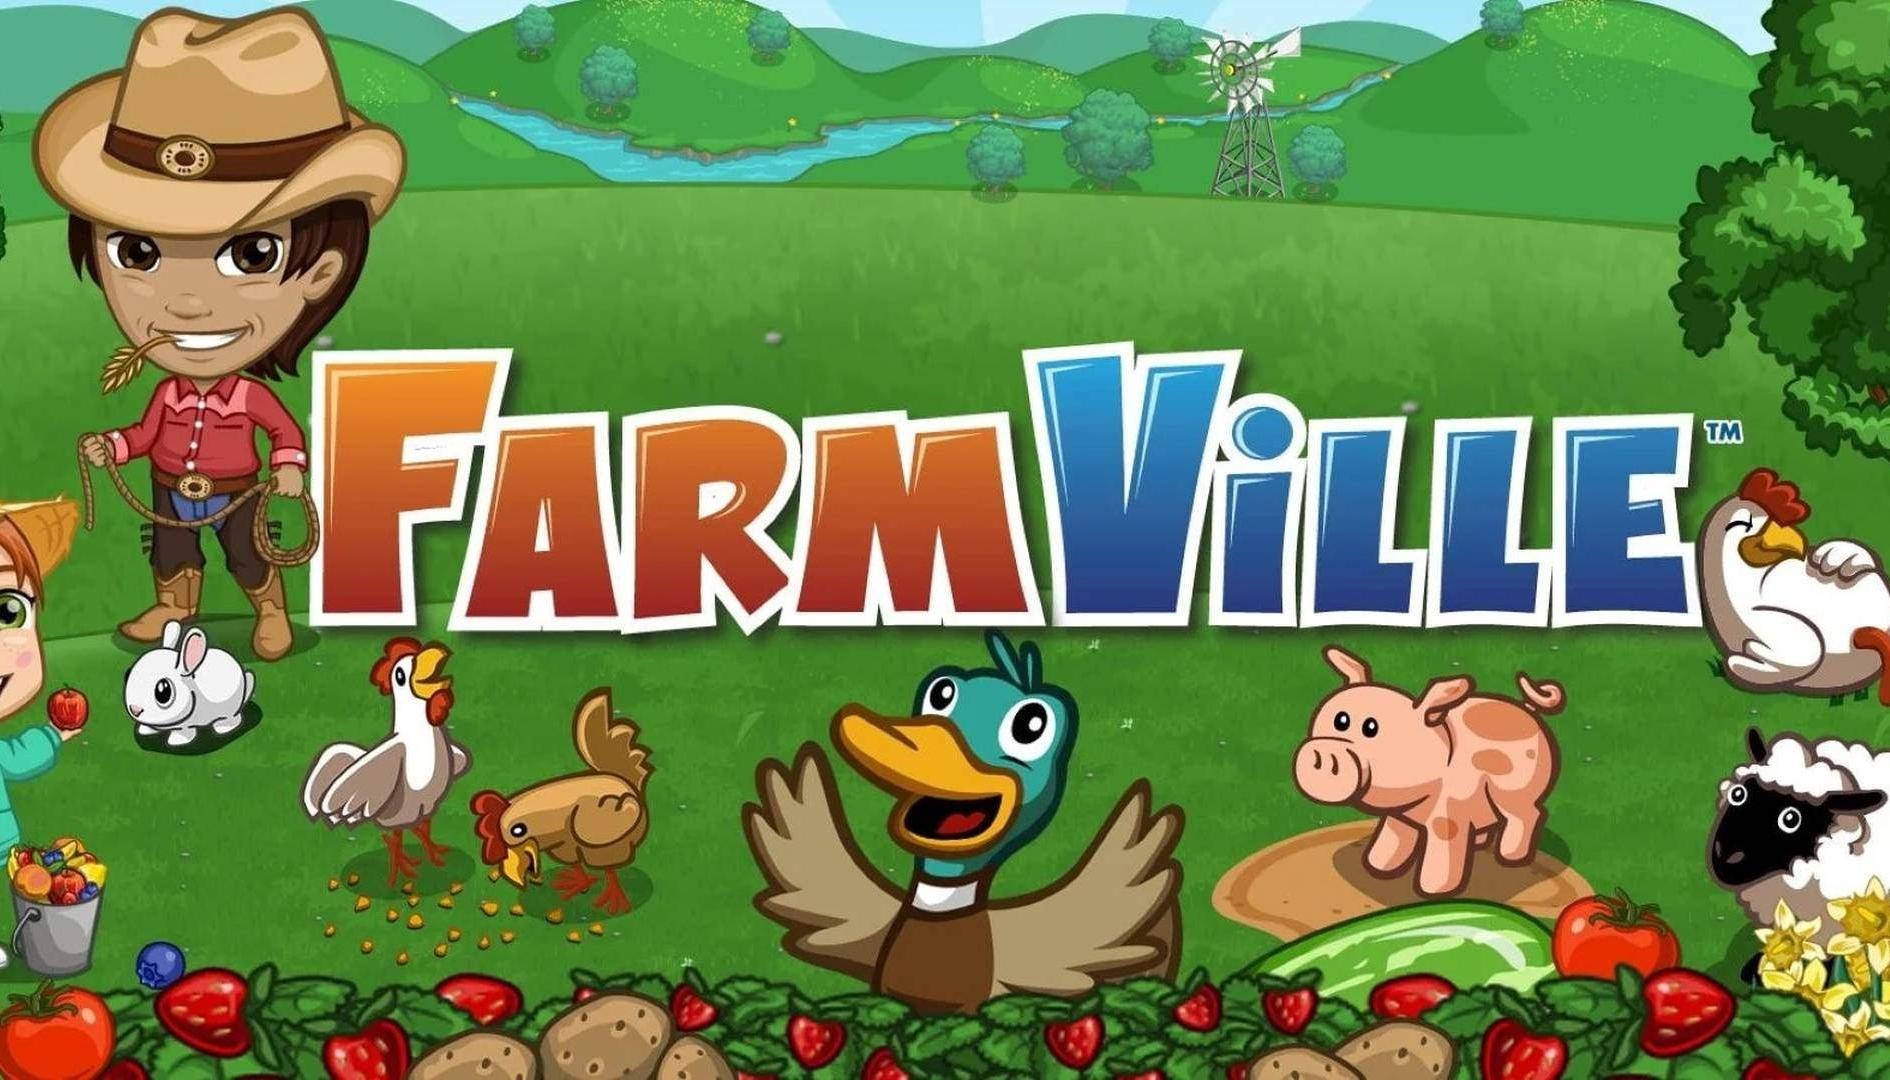 FarmVille e Adobe Flash Player, la fine di un'era